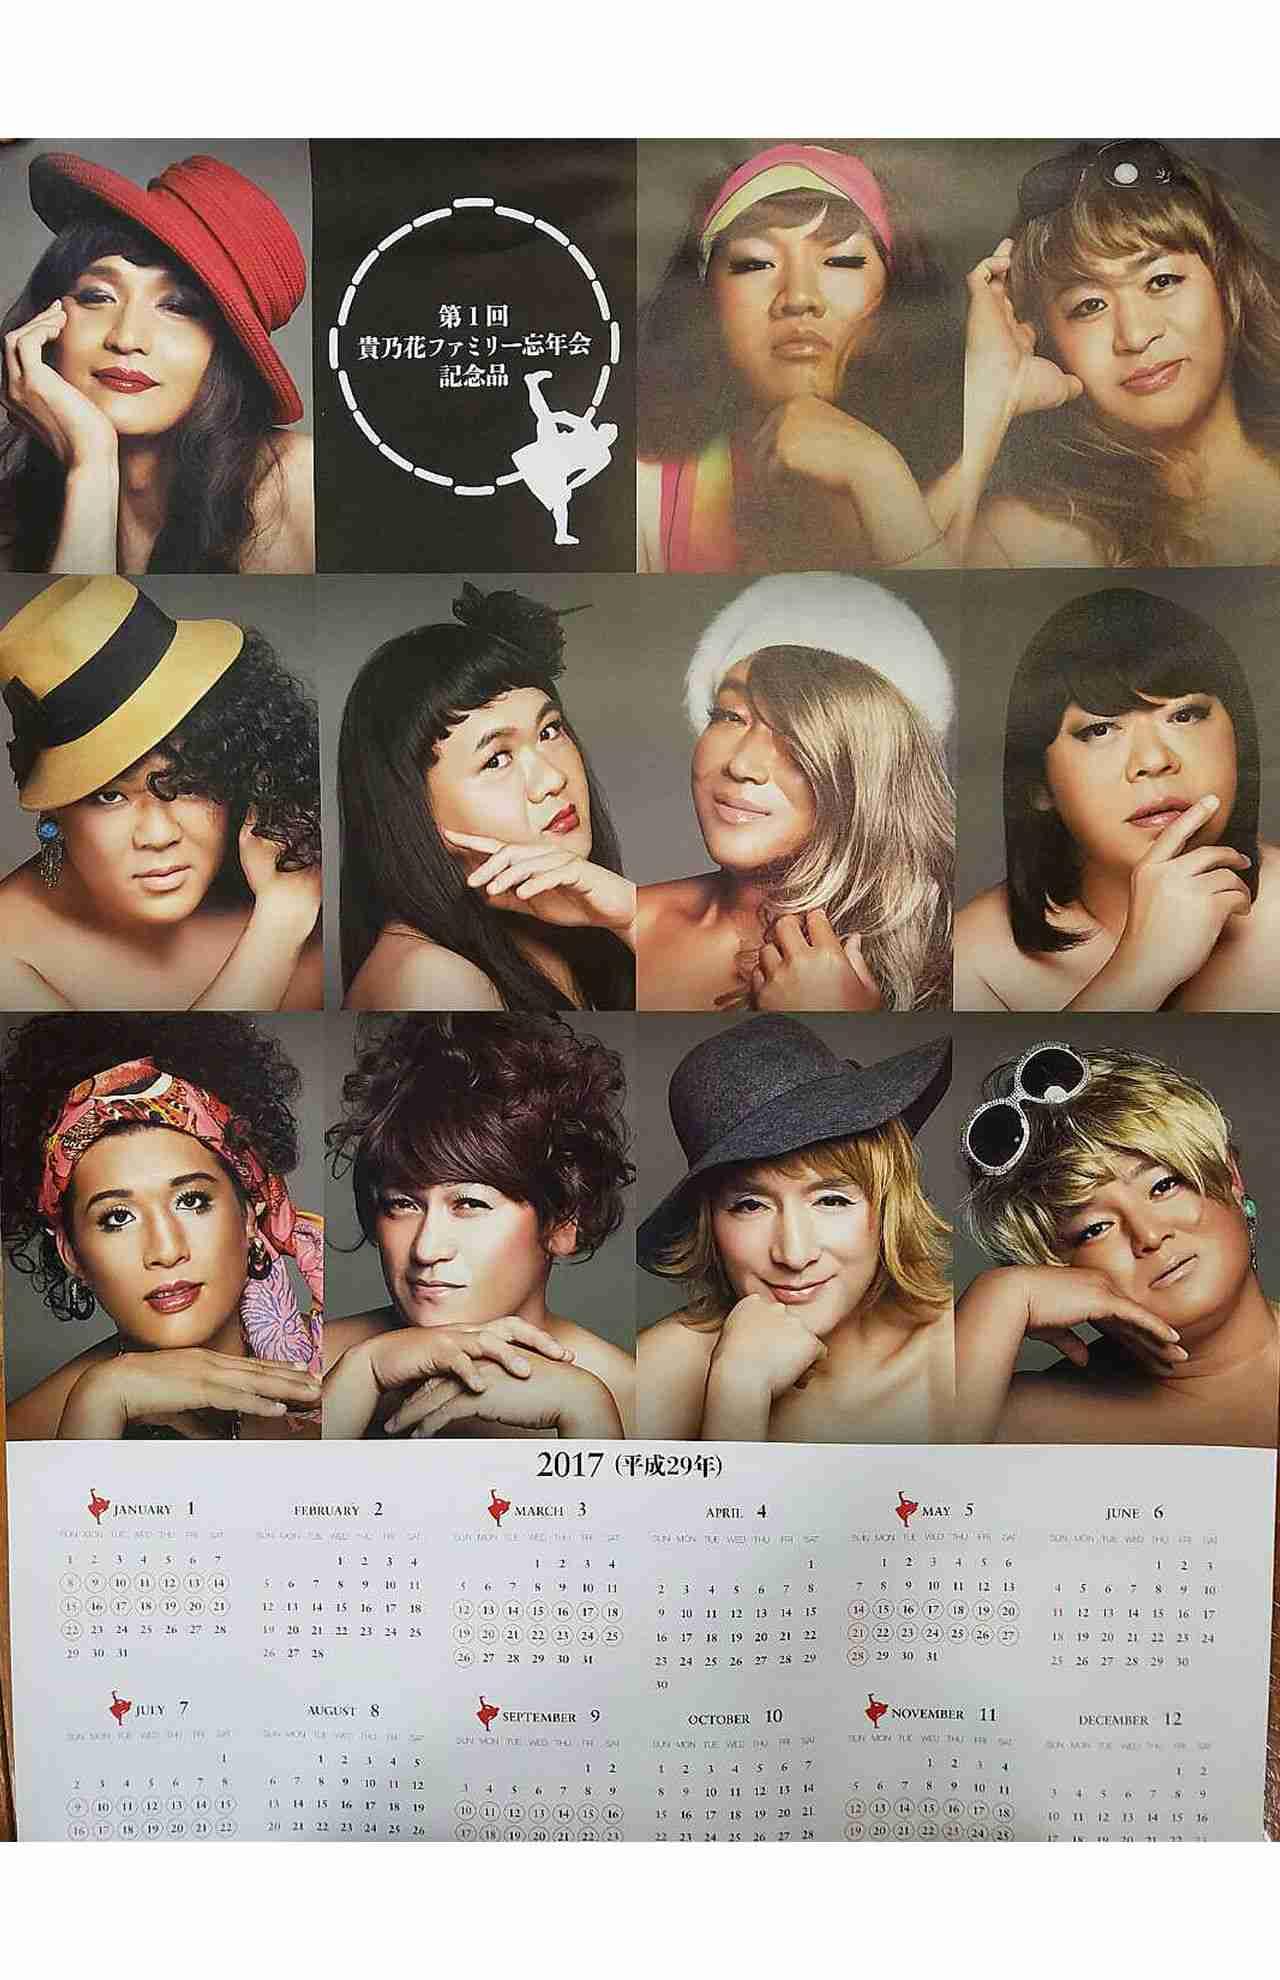 貴乃花親方らの女装カレンダー「素晴らしく練られた作戦」と感嘆の声